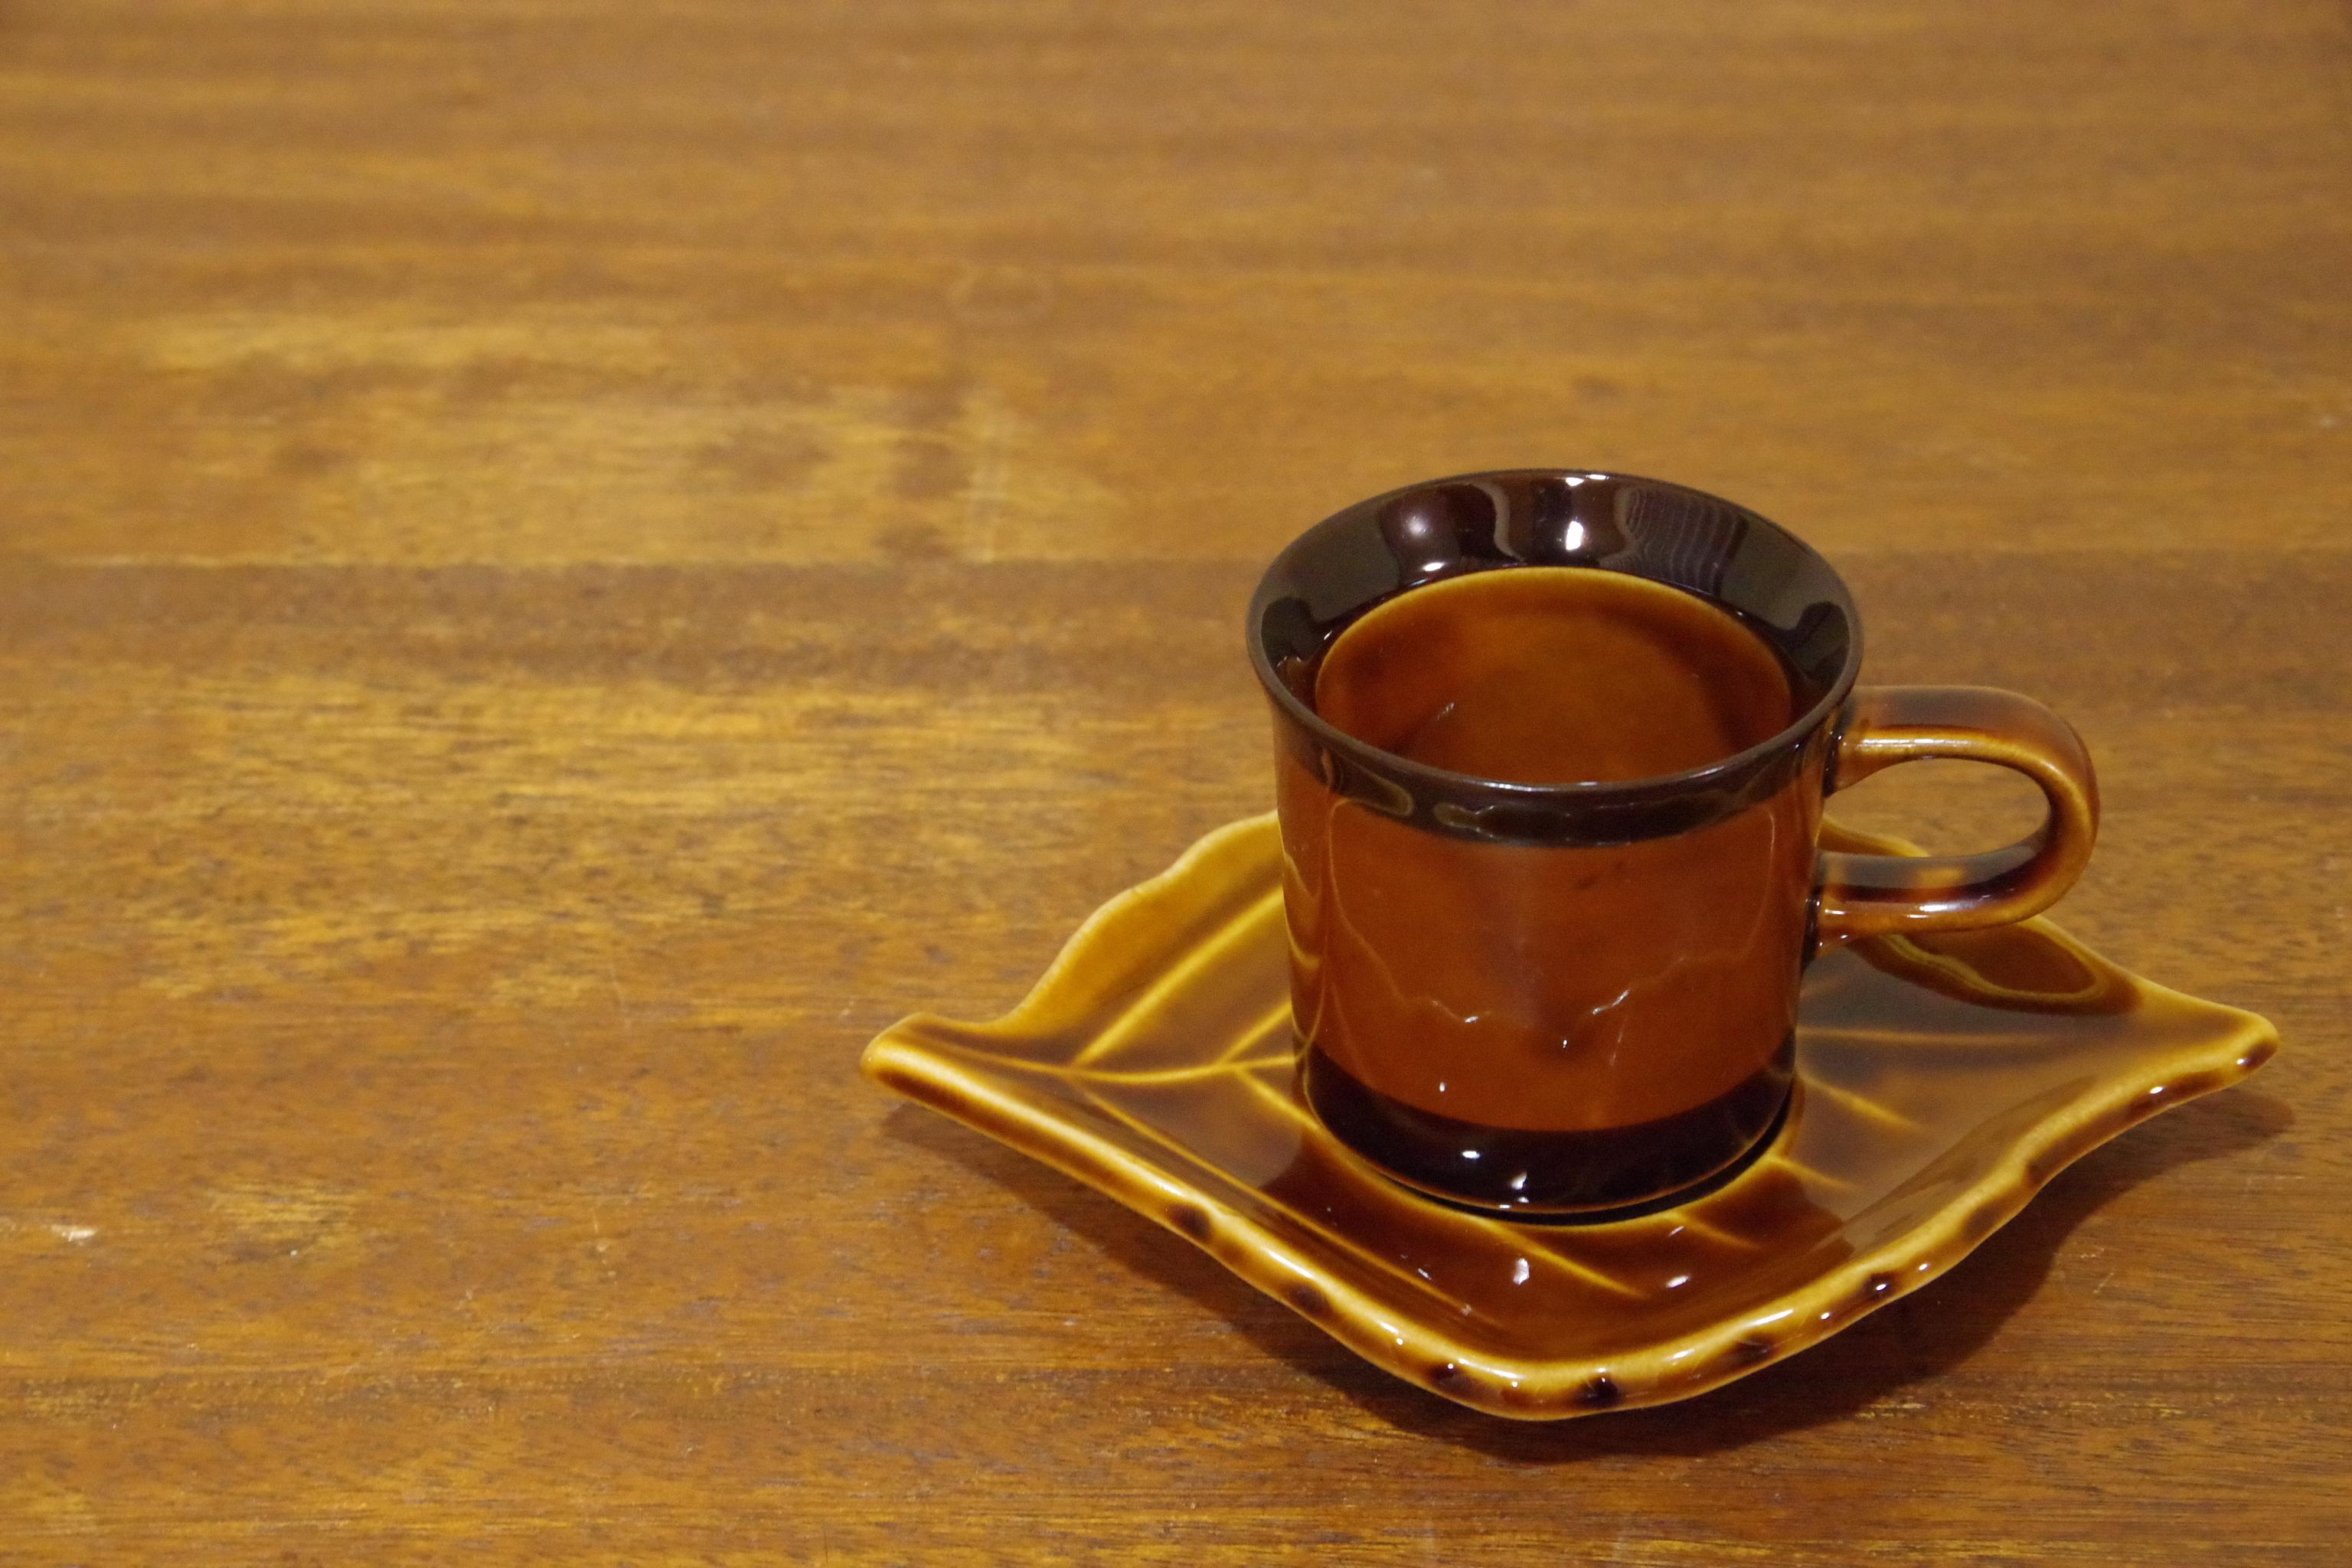 レトロ 木の葉 ブラウン カップ&ソーサー コーヒーカップ 昭和レトロ 古道具